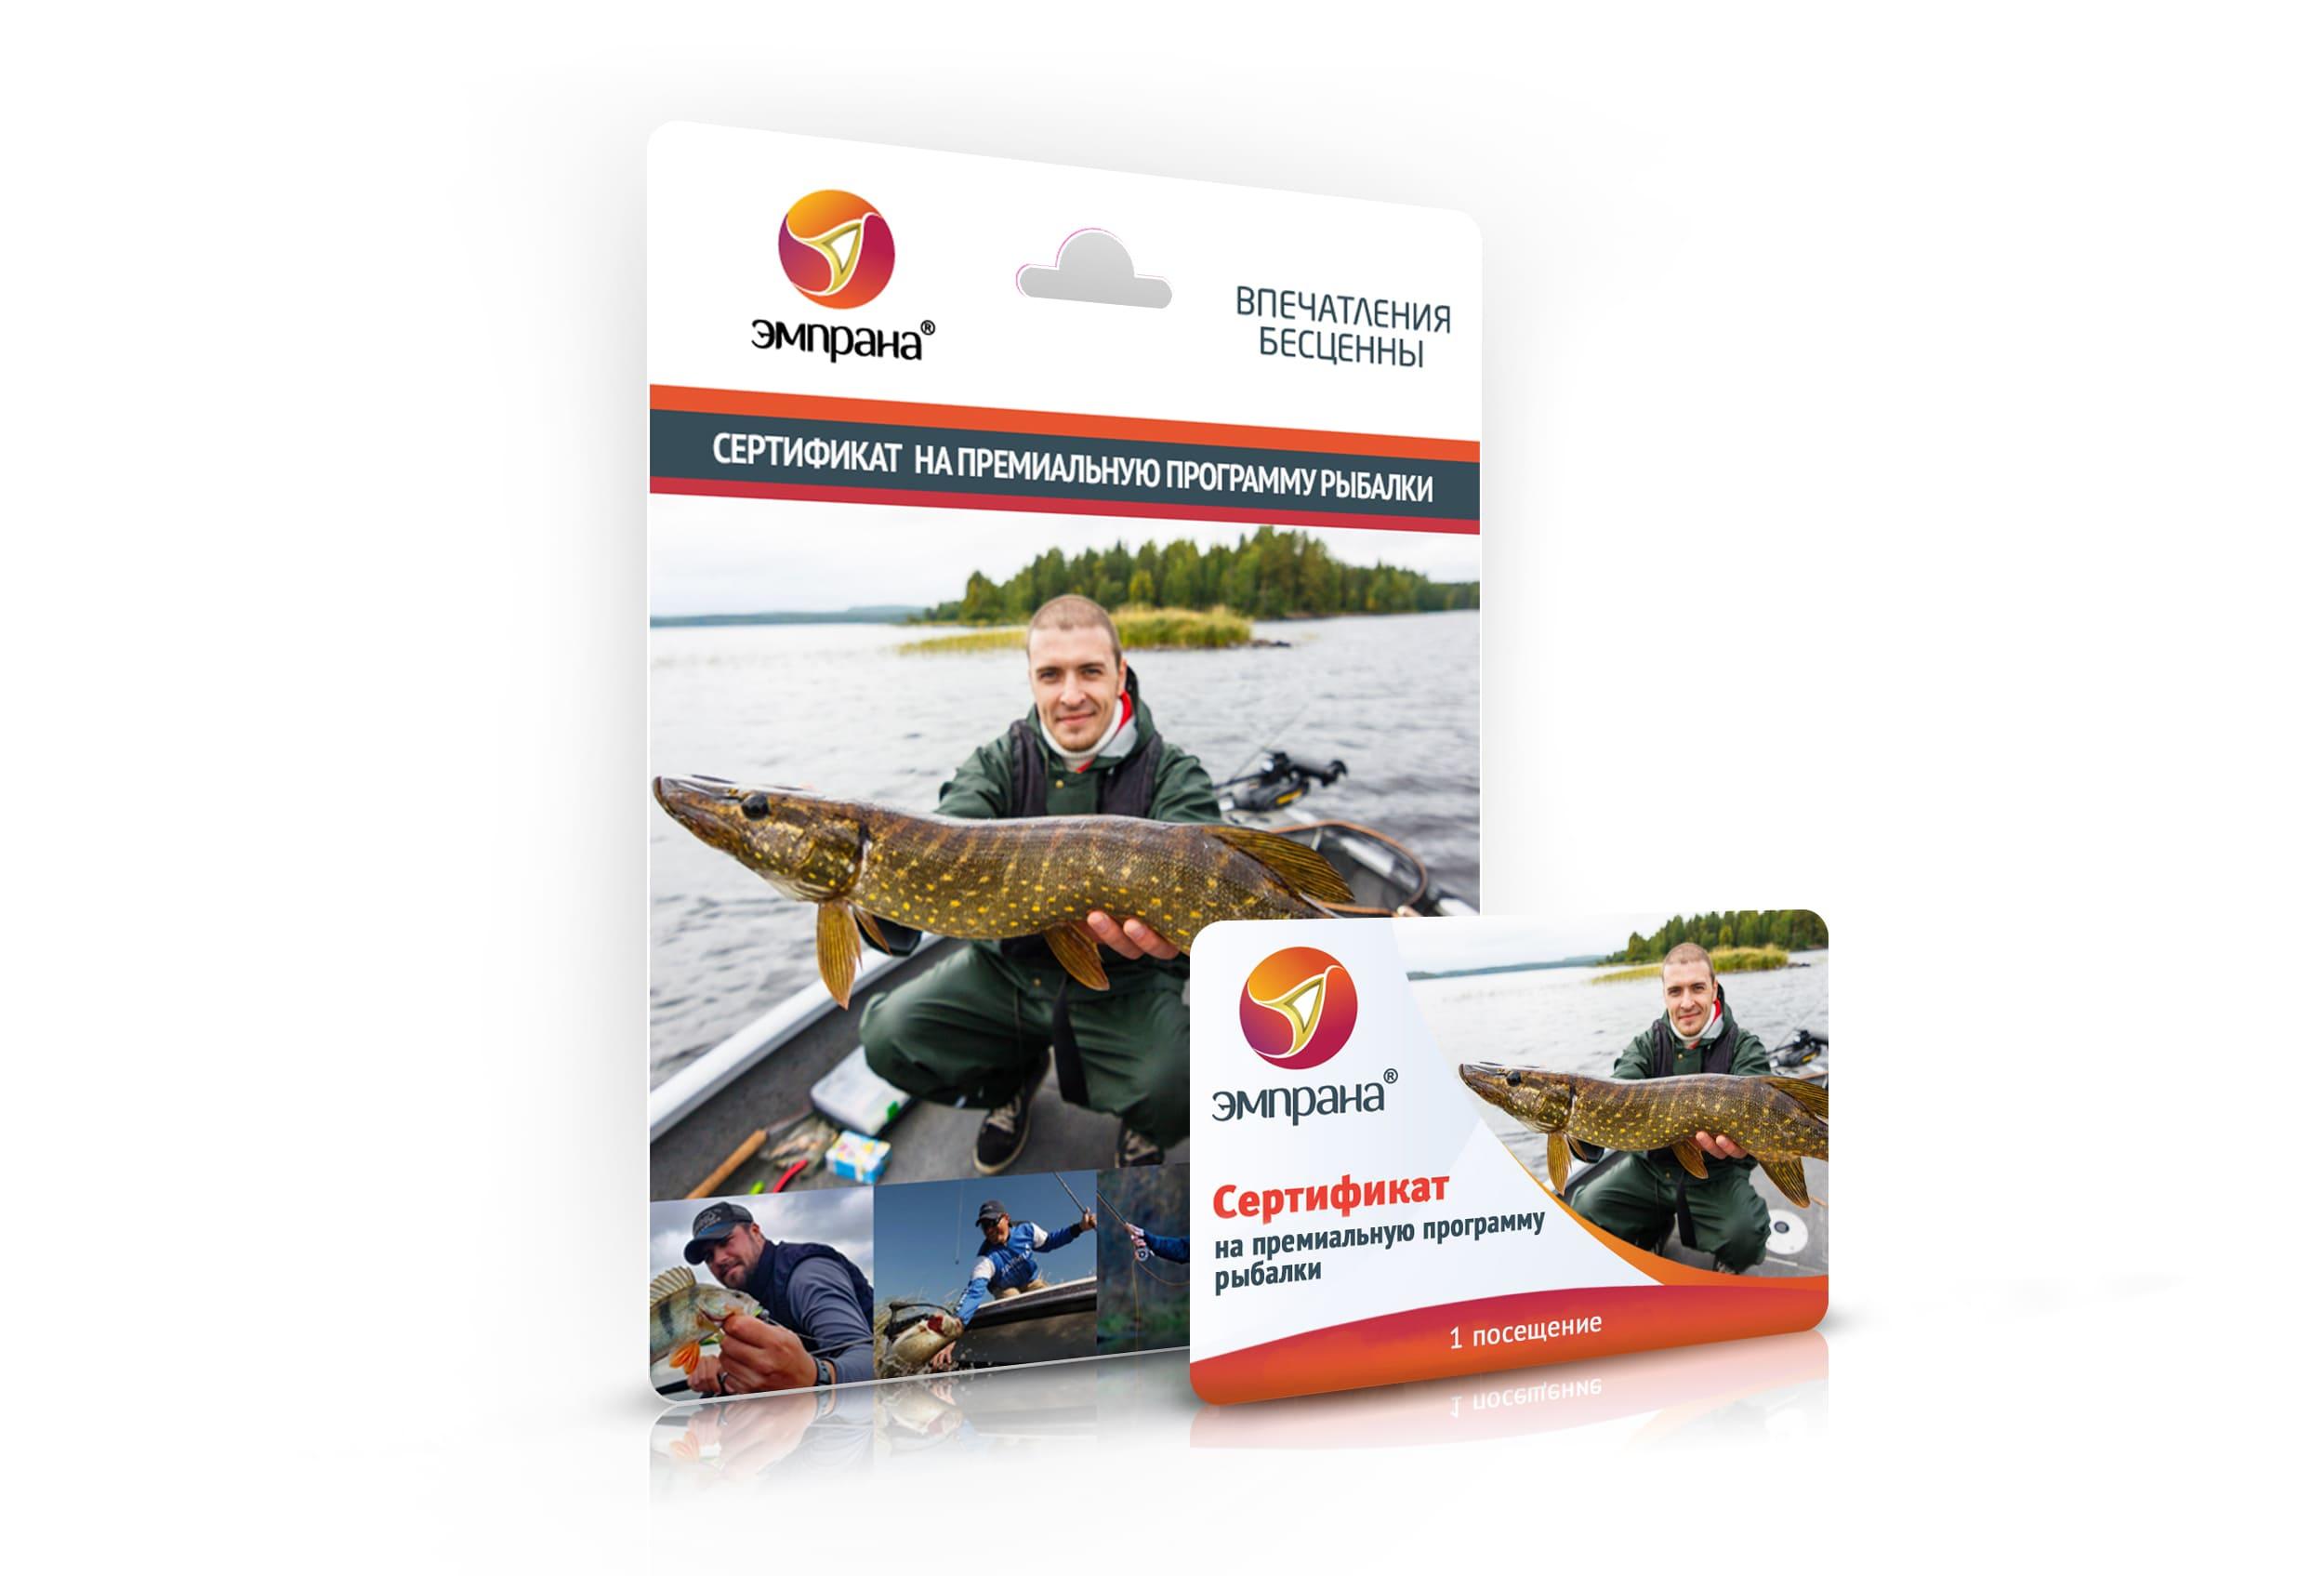 Сертификат на премиальную программу рыбалки